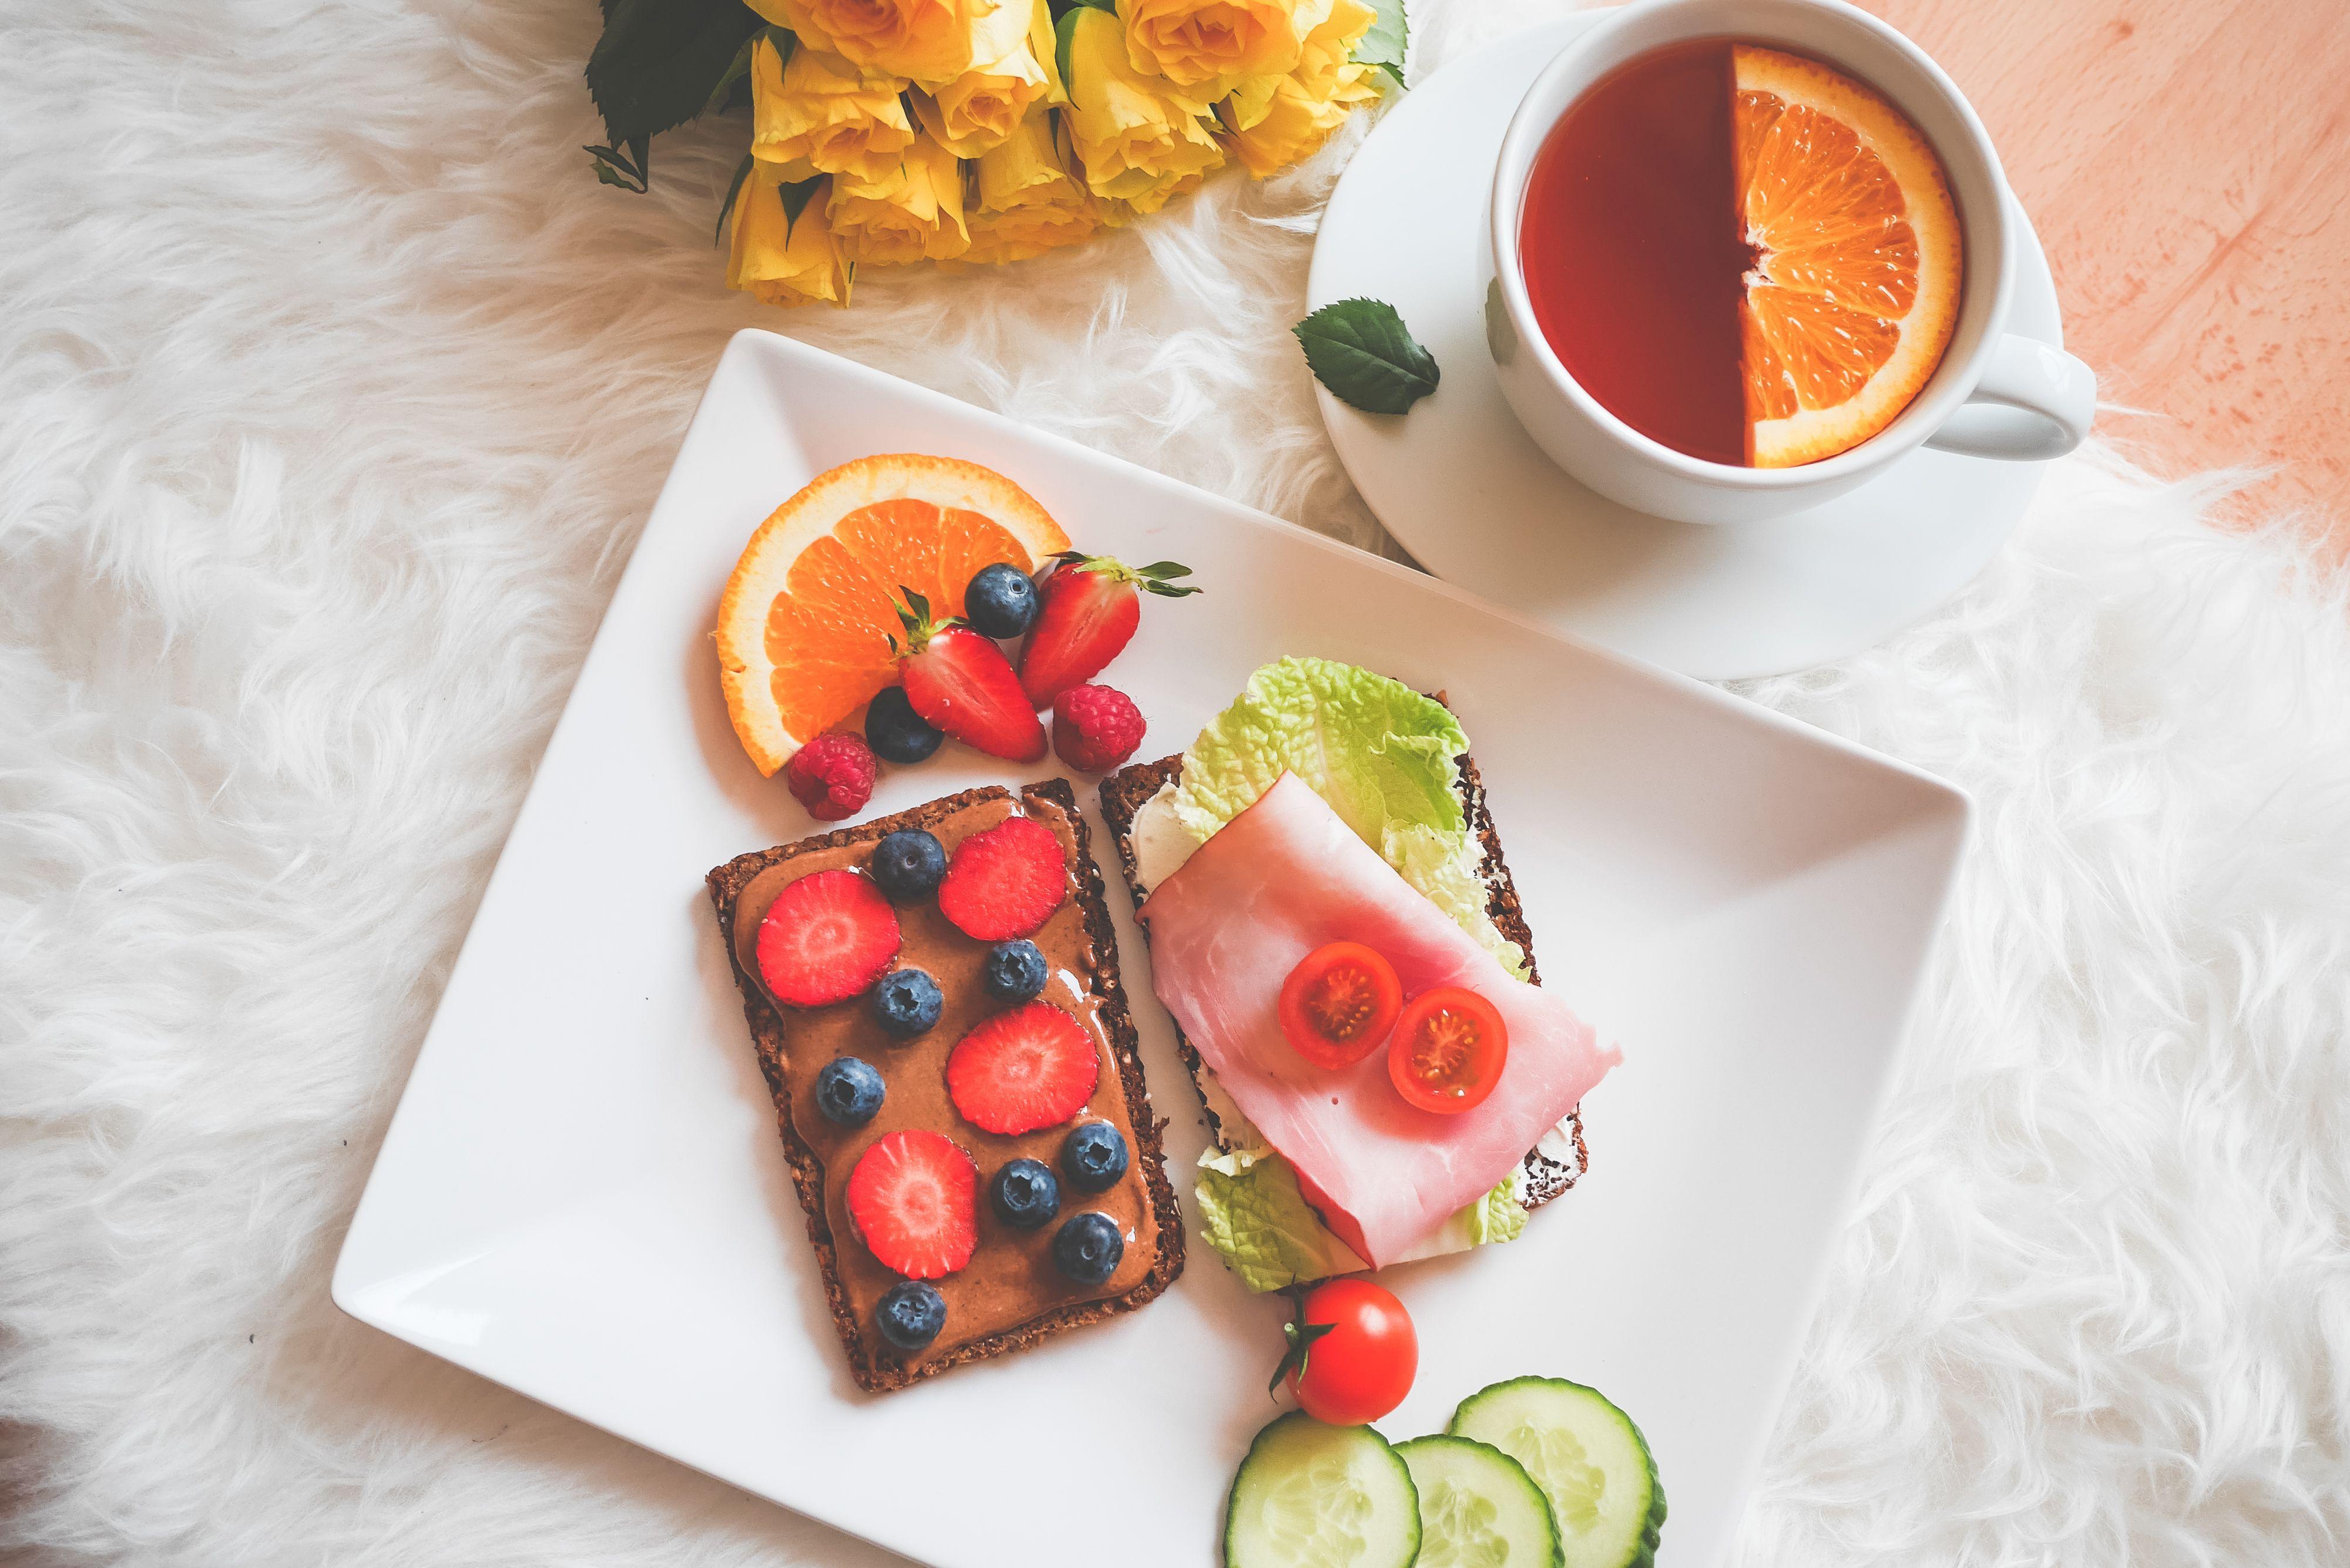 lazy-sunday-healthy-breakfast-picjumbo-com